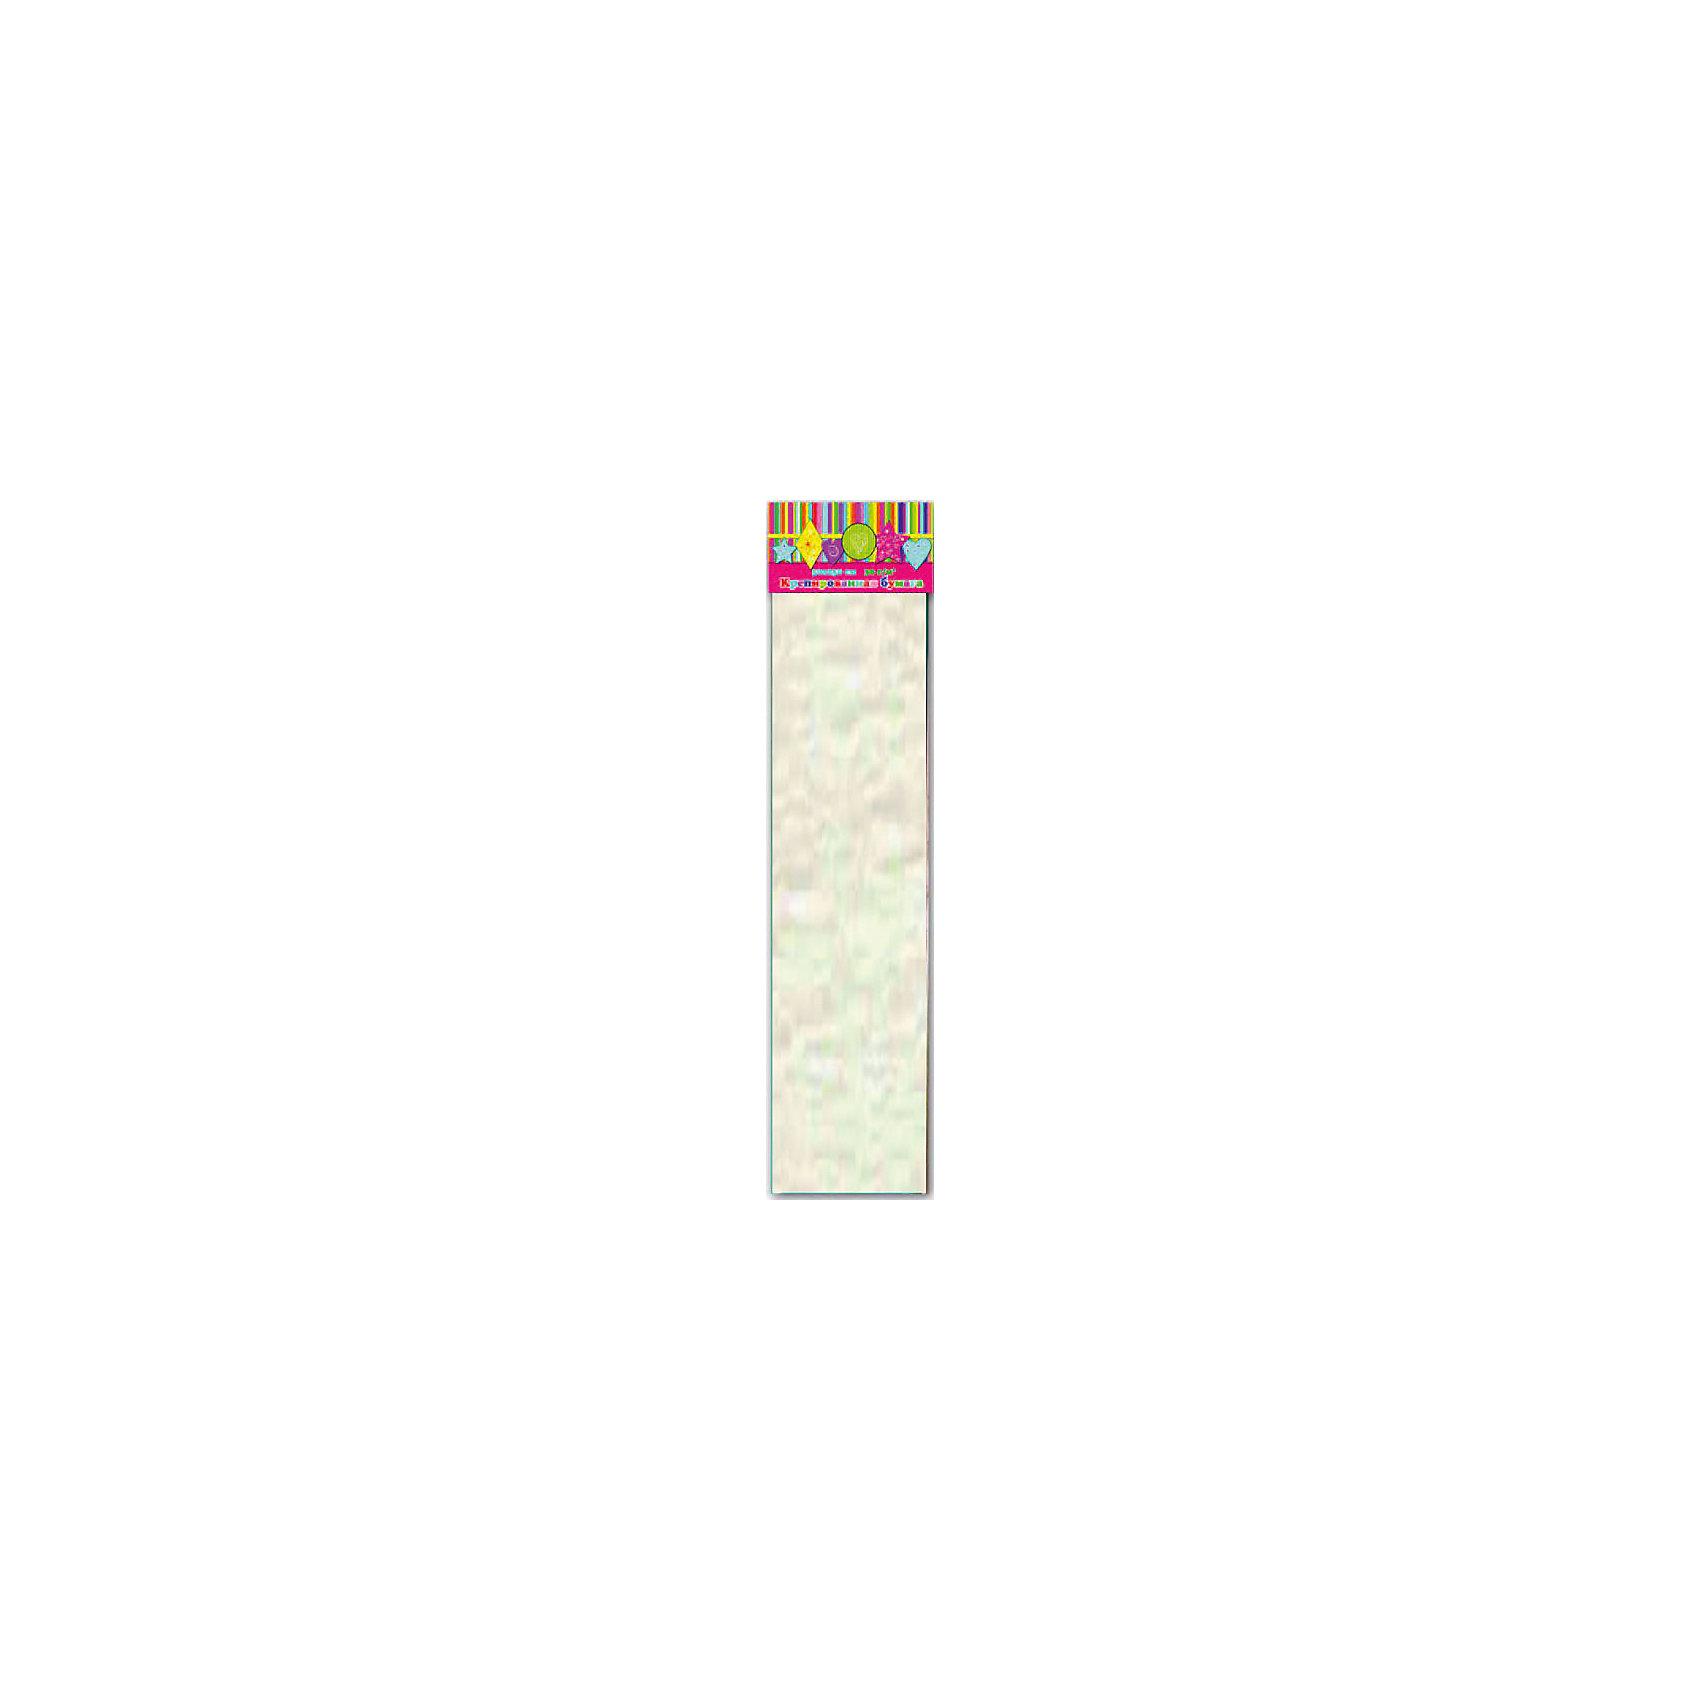 Бумага белая эластичная крепированнаяИзумительная крепированная бумага белого цвета, из нее Ваш малыш сможет сделать множество ярких цветов или другие поделки.<br><br>Дополнительная информация:<br><br>- Возраст: от 3 лет.<br>- 1 лист.<br>- Цвет: белый.<br>- Материал: бумага.<br>- Размеры: 50х250 см.<br>- Размер упаковки: 51х10х0,5 см.<br>- Вес в упаковке: 40 г. <br><br>Купить крепированную эластичную бумагу в белом цвете, можно в нашем магазине.<br><br>Ширина мм: 510<br>Глубина мм: 100<br>Высота мм: 5<br>Вес г: 40<br>Возраст от месяцев: 36<br>Возраст до месяцев: 2147483647<br>Пол: Унисекс<br>Возраст: Детский<br>SKU: 4943488